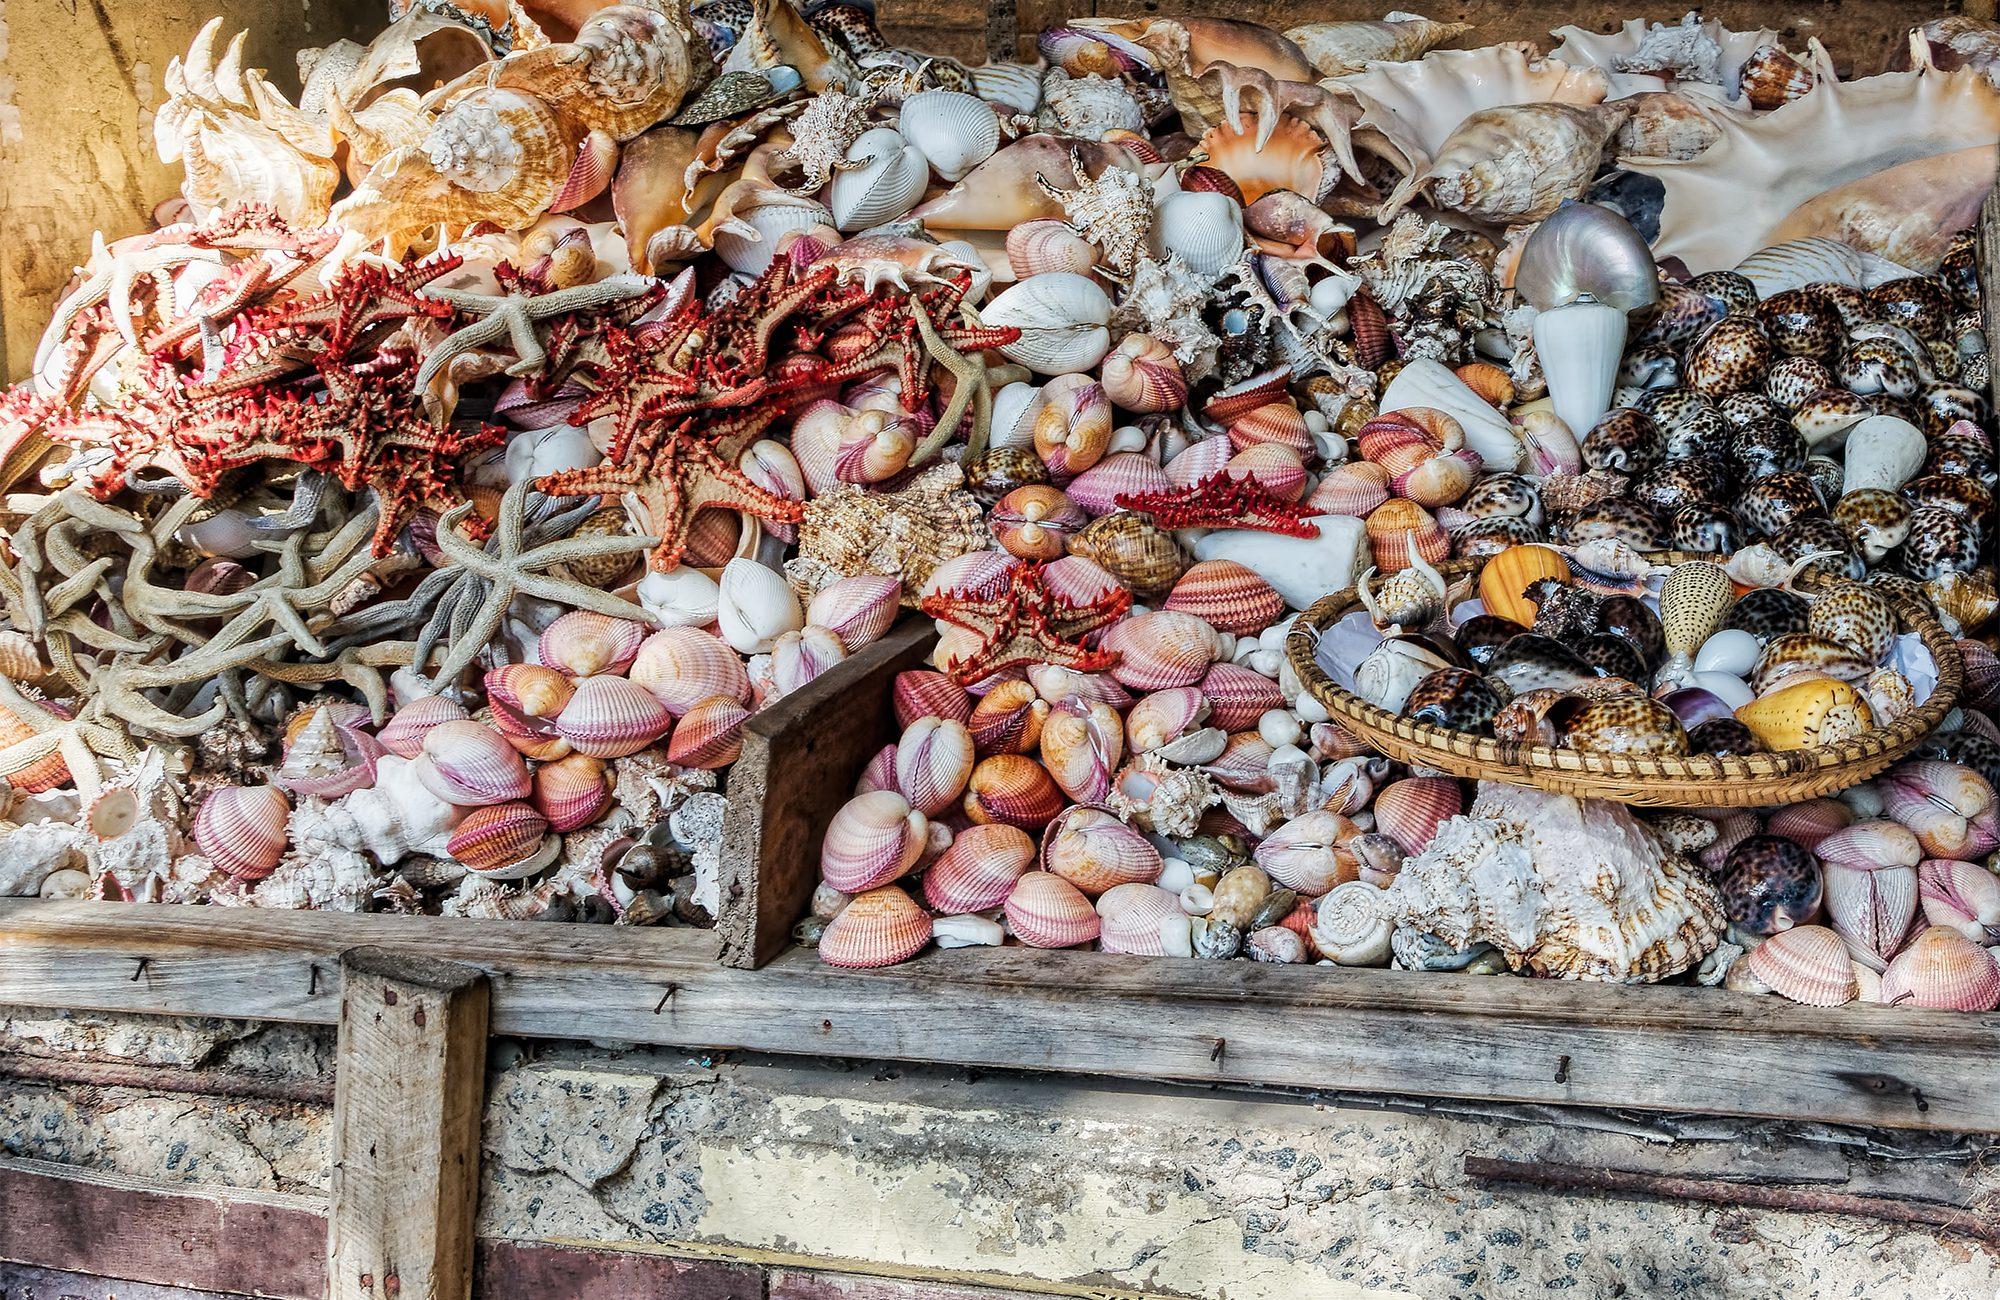 Что нельзя вывозить за пределы Бали